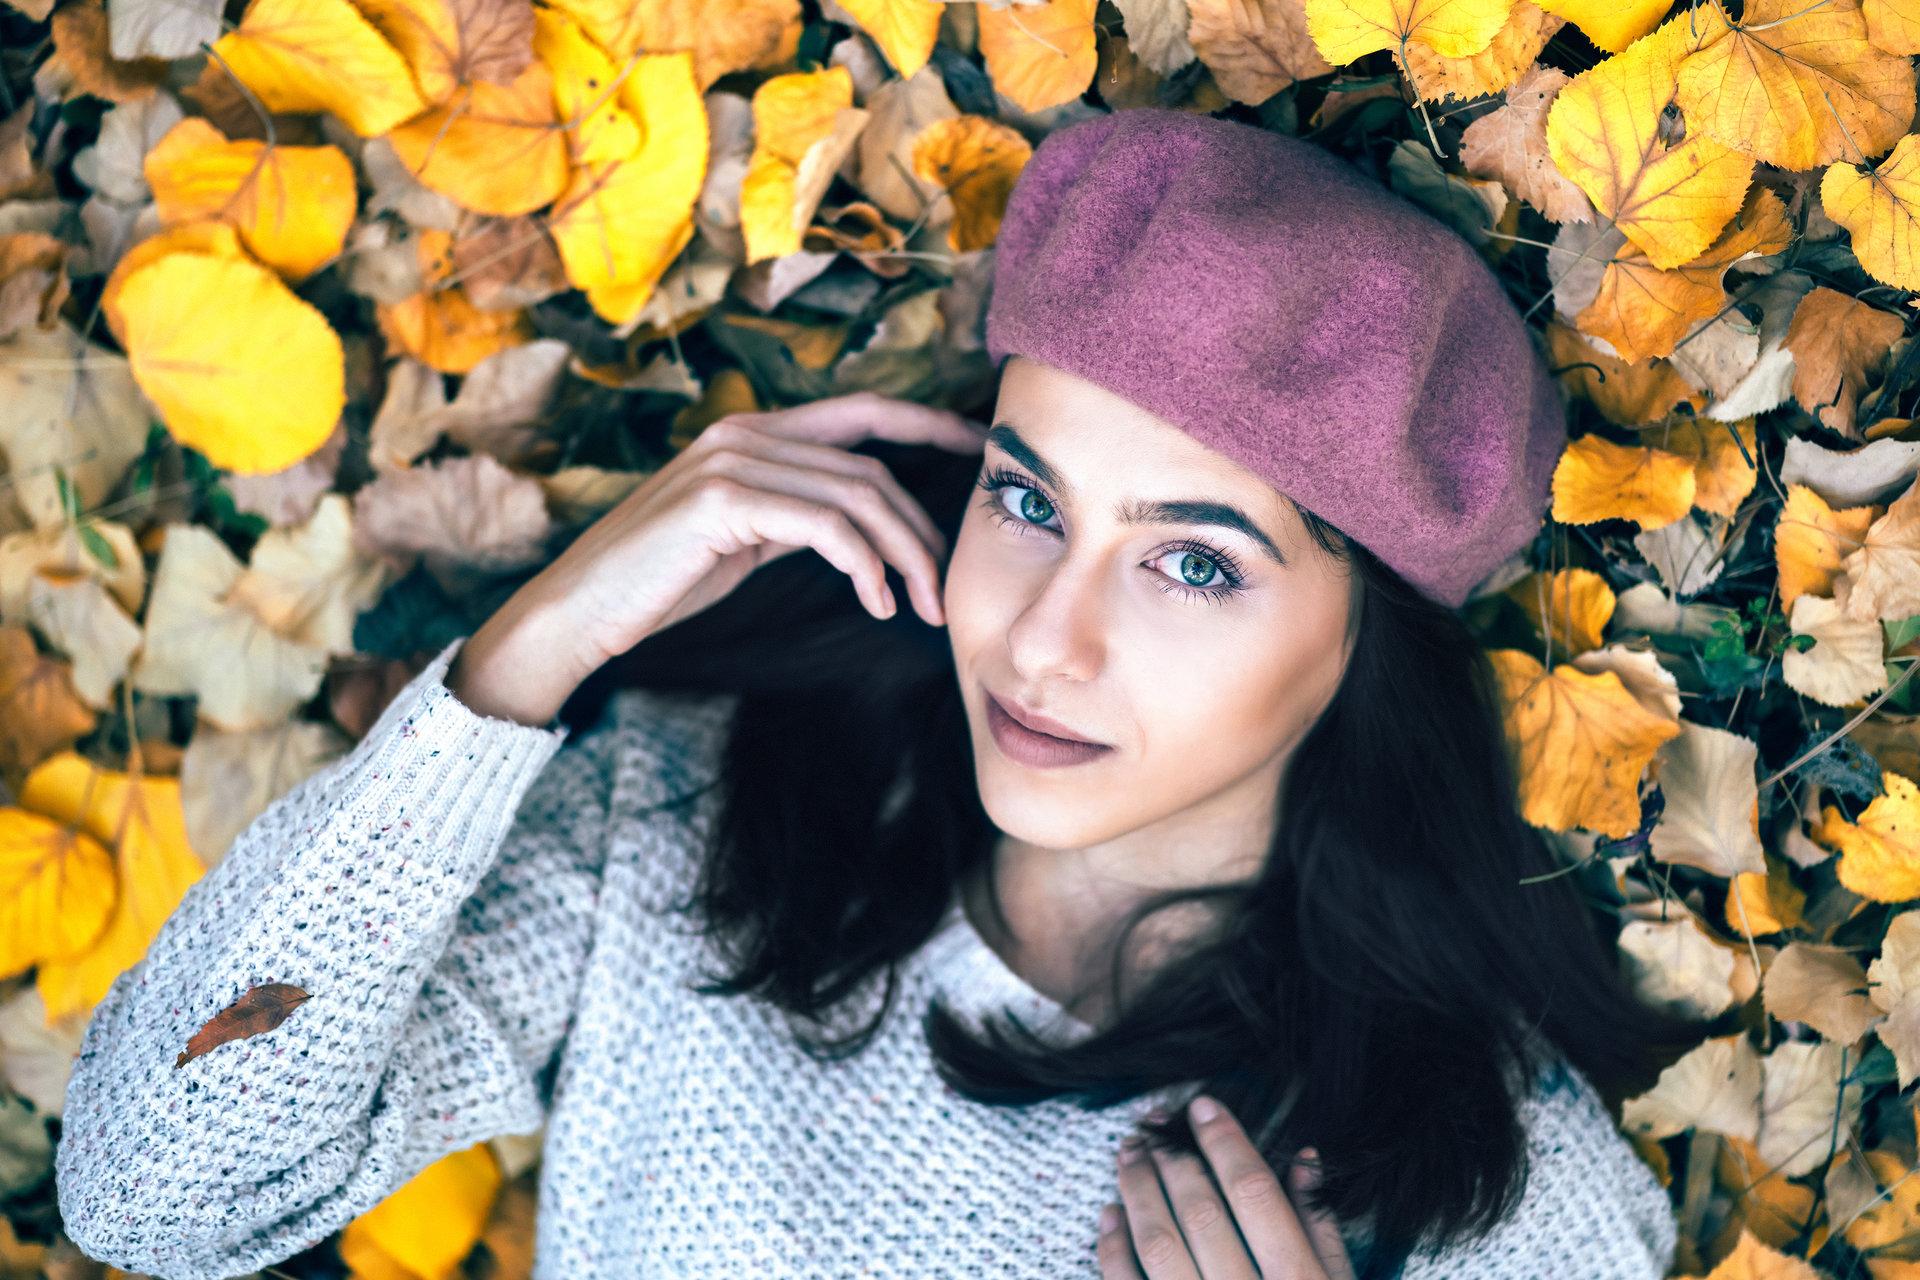 Есента ѝ отива | Author Viktoria Stoyanova - Vanguard | PHOTO FORUM